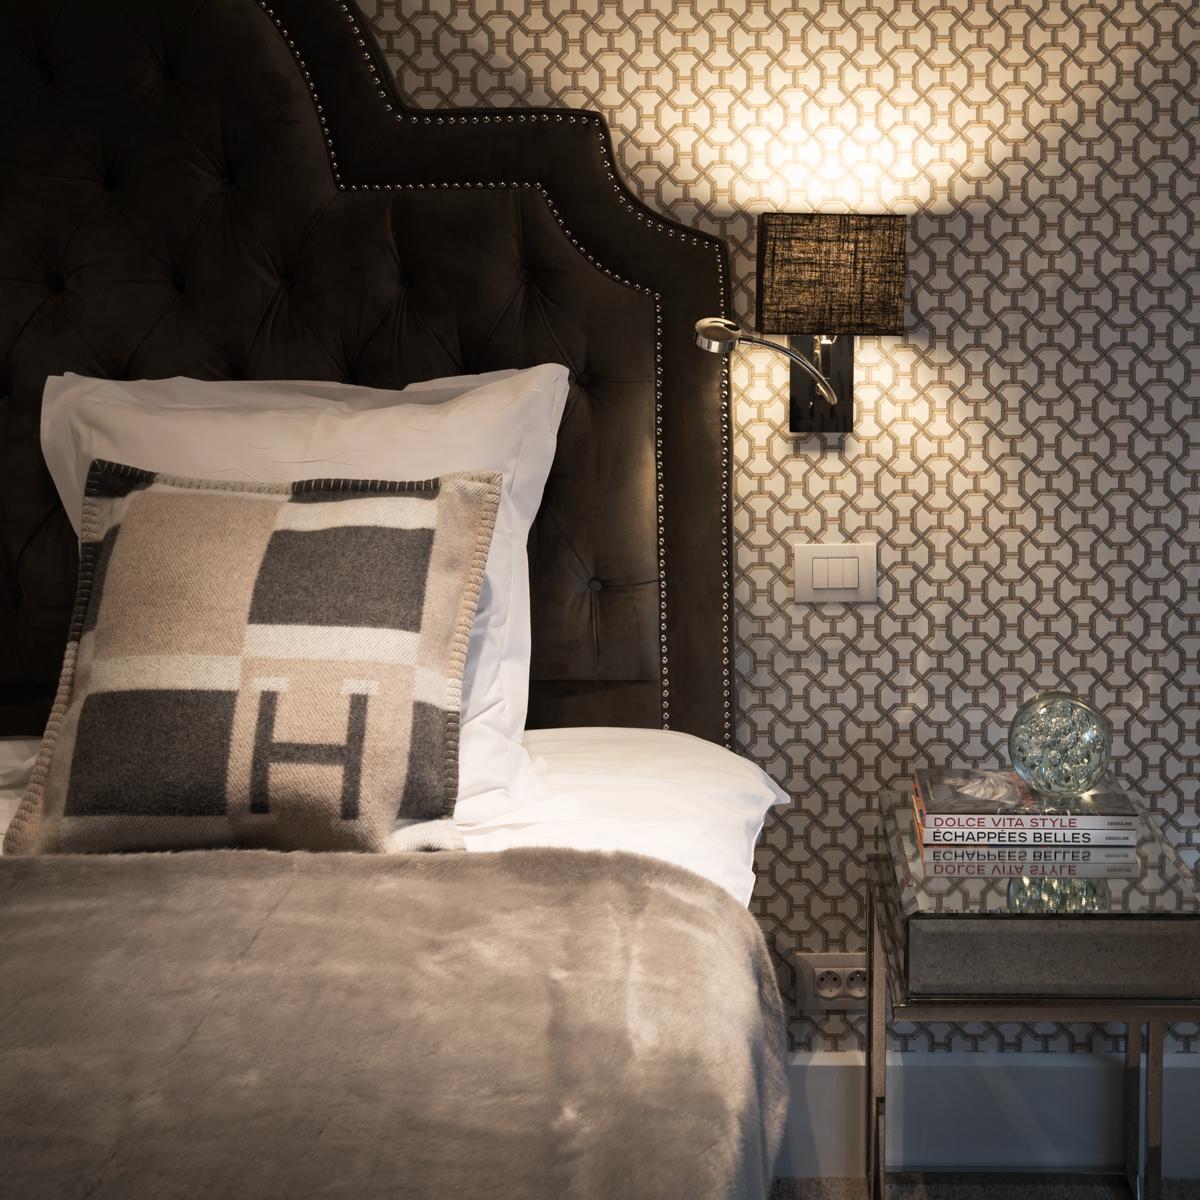 Hotel van Cleef Luxus Boutiquehotel in Brügge-20